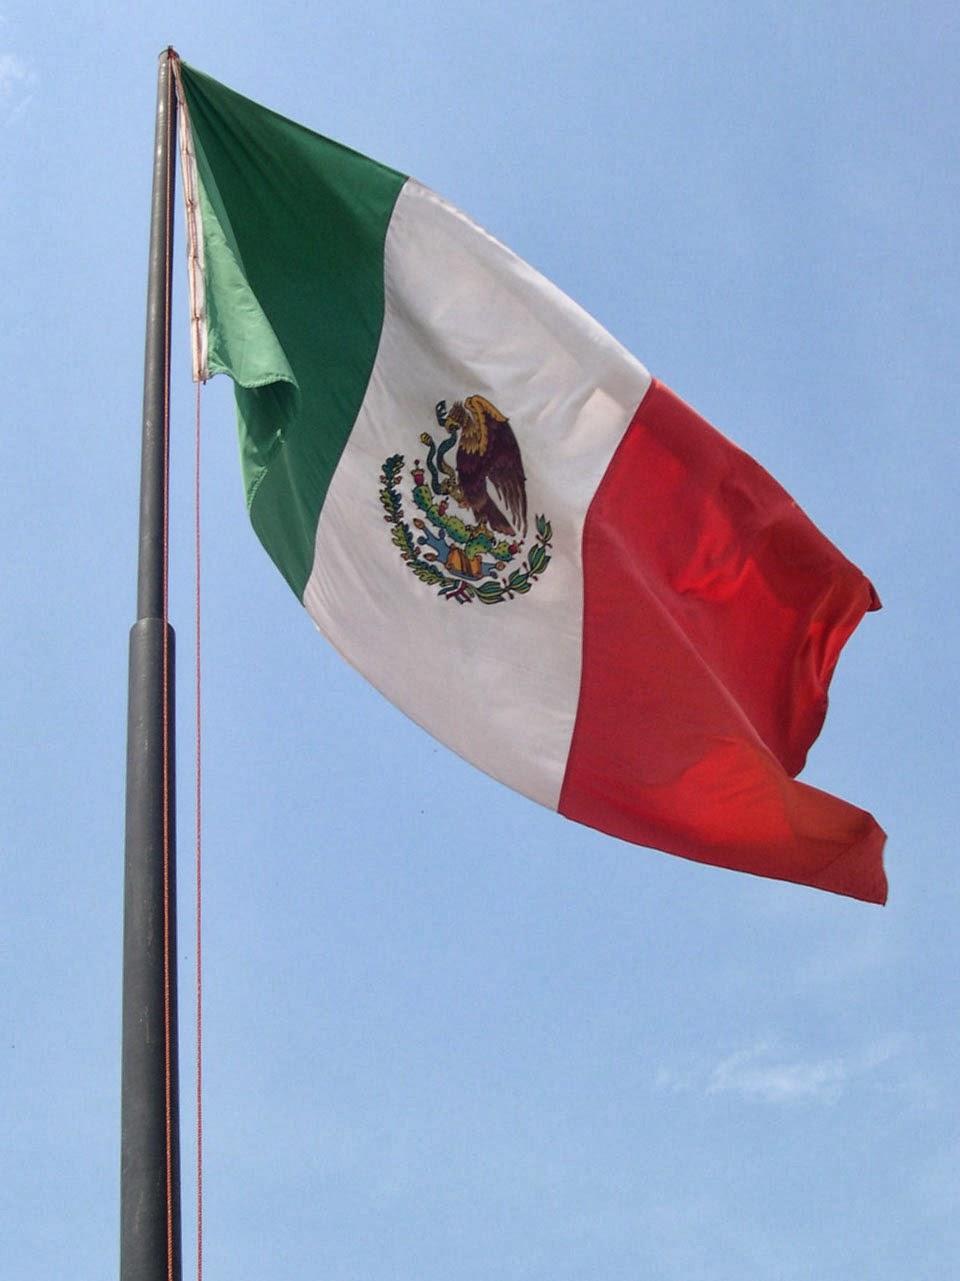 India Flag Wallpaper 3d Graafix Mexican Flags Of Mexico